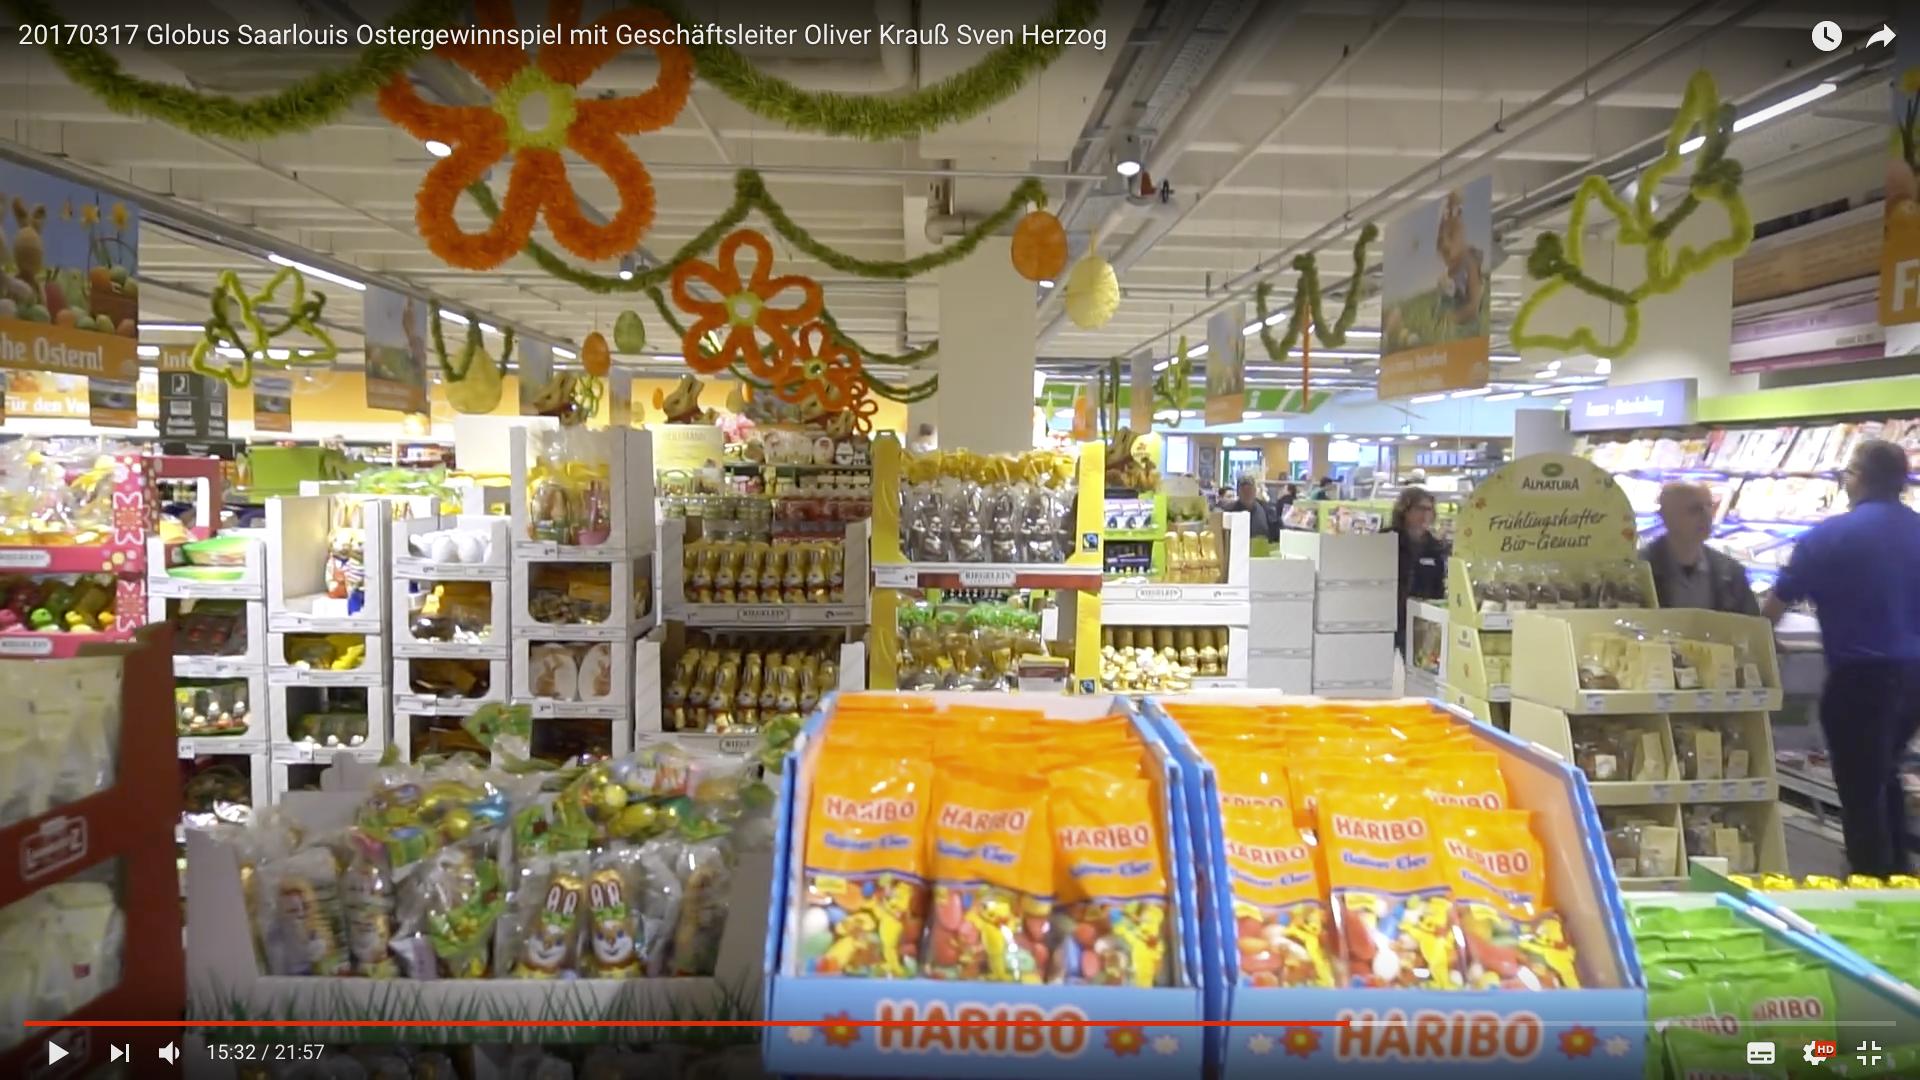 2017 Globus Saarlouis Ostergewinnspiel Abteilung_MSM_MEDIEN_SAAR_MOSEL_SAARLAND_FERNSEHEN_1_ED_SAAR